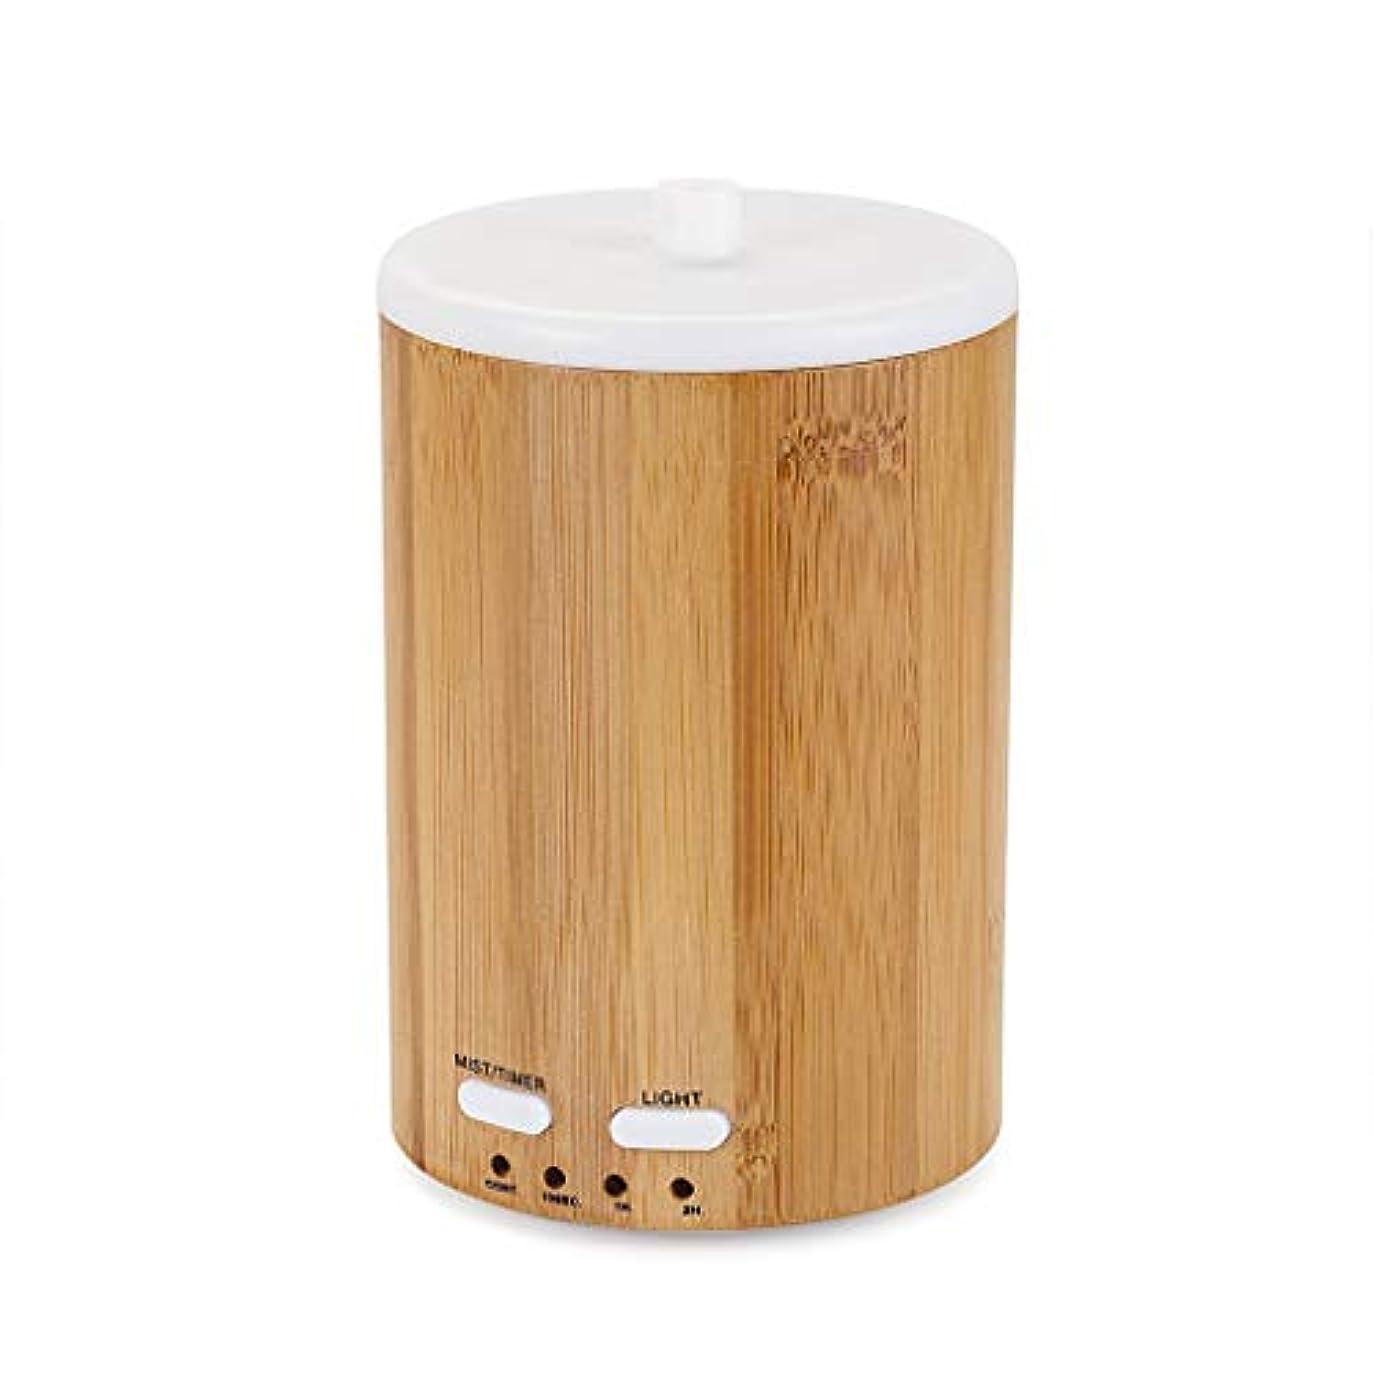 夏広げる成熟したアップグレードされたリアル竹ディフューザー超音波ディフューザークールミスト加湿器断続的な連続ミスト2作業モードウォーターレスオートオフ7色LEDライト (Color : Bamboo)